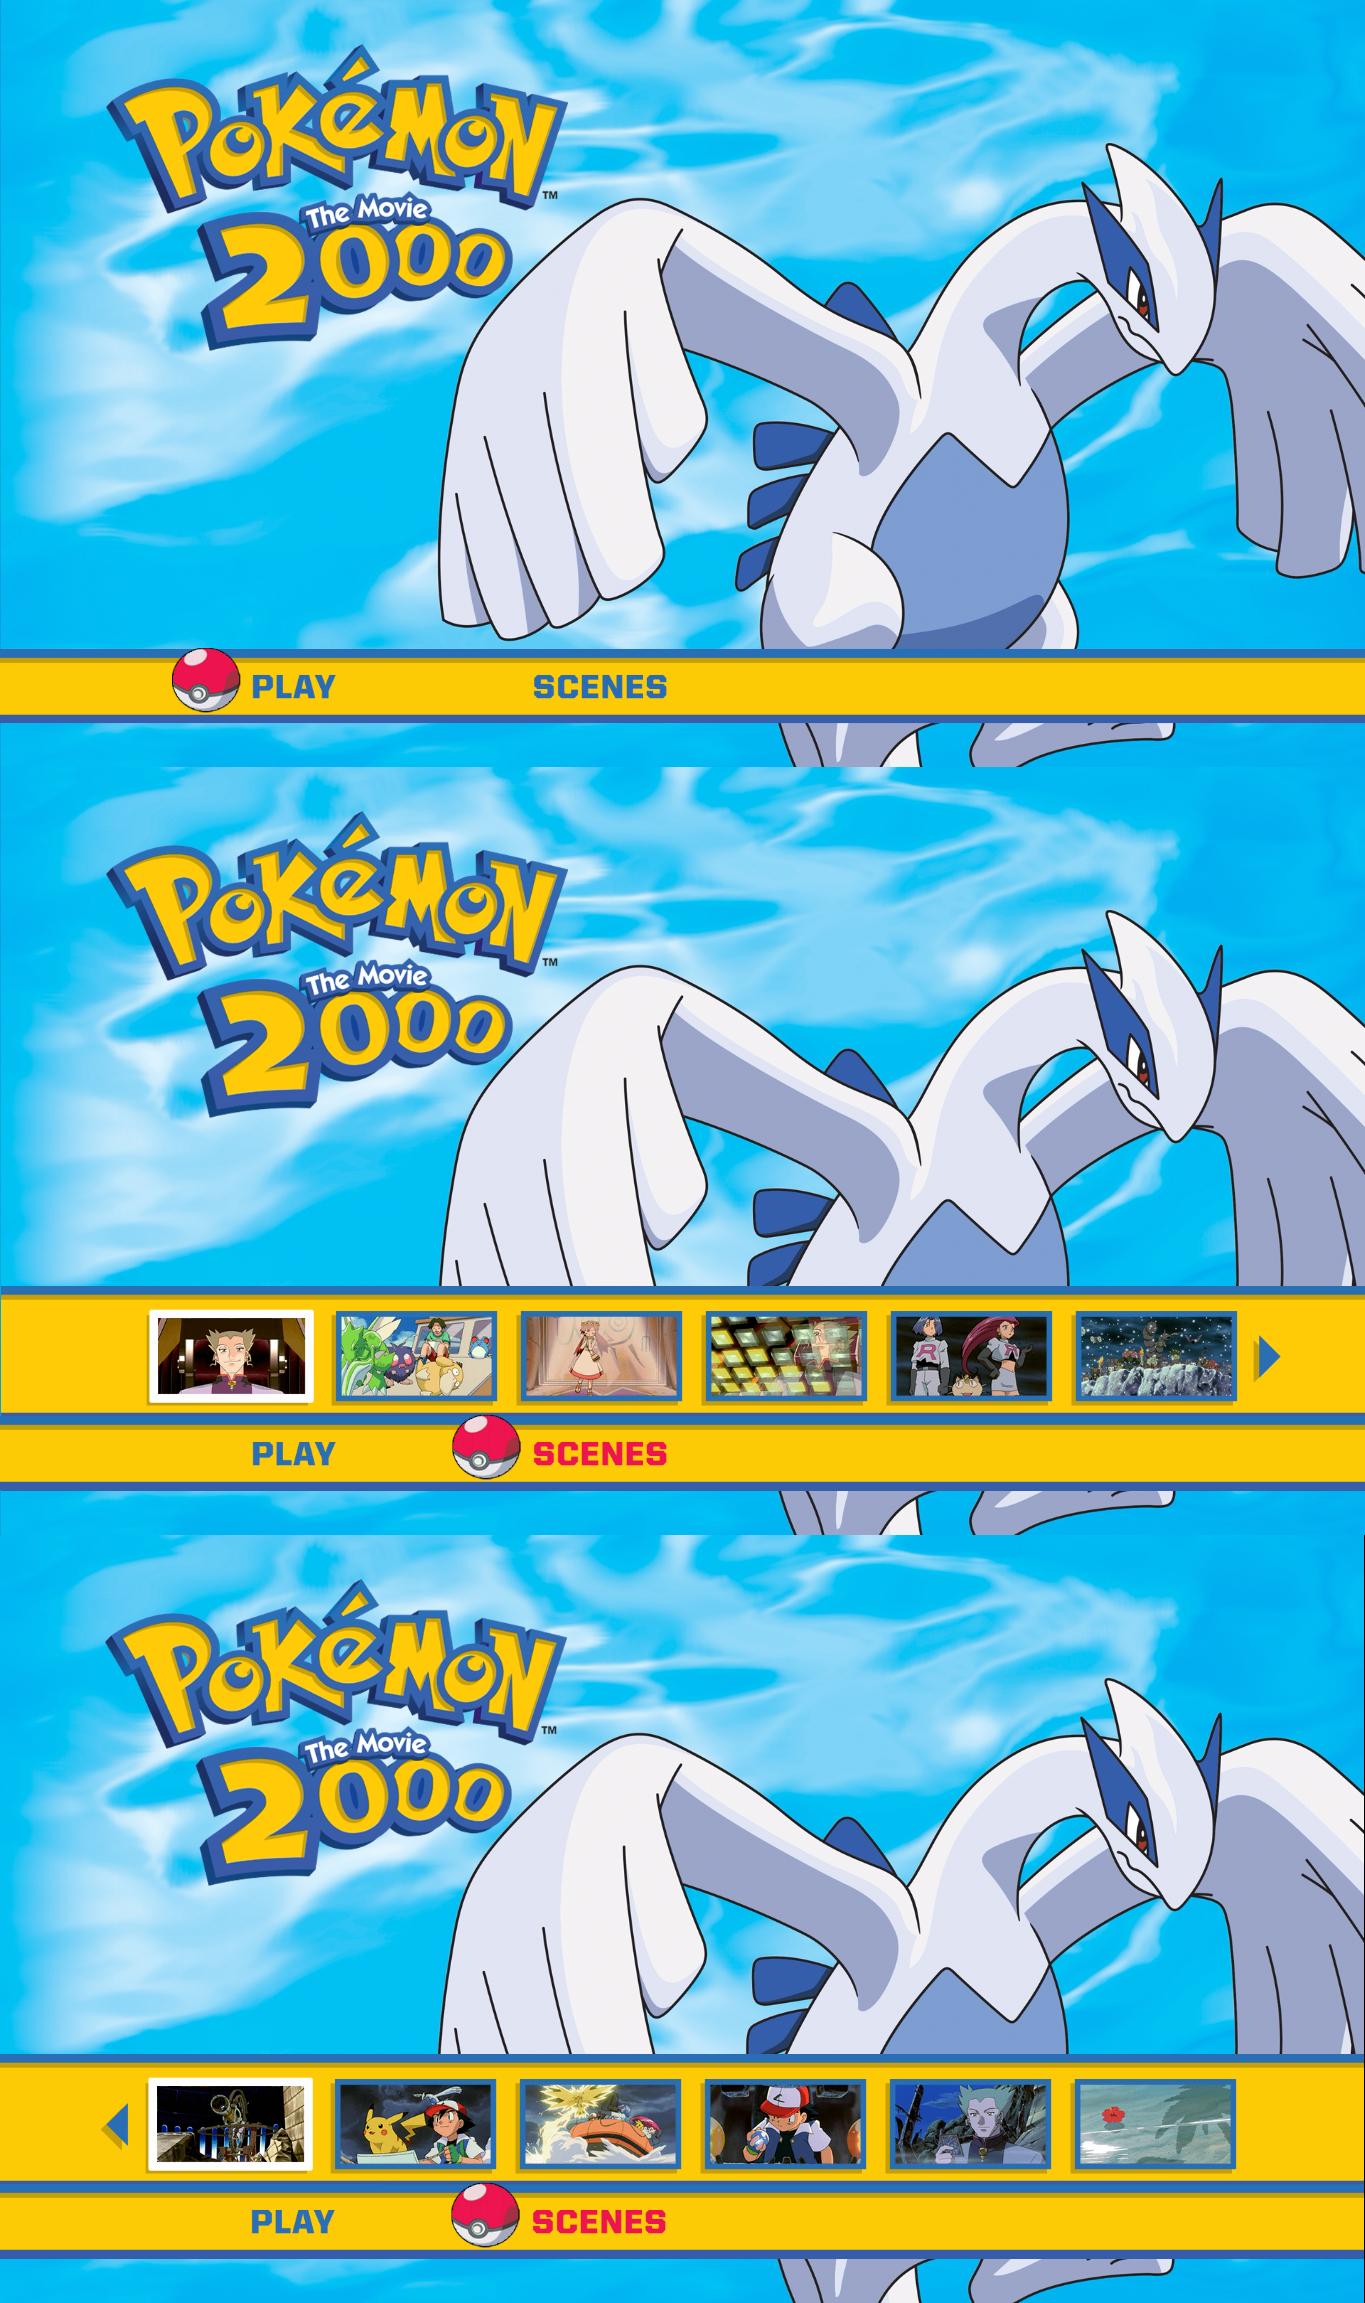 Pokemon The Movie 2000 Blu Ray Menu By Dakotaatokad On Deviantart